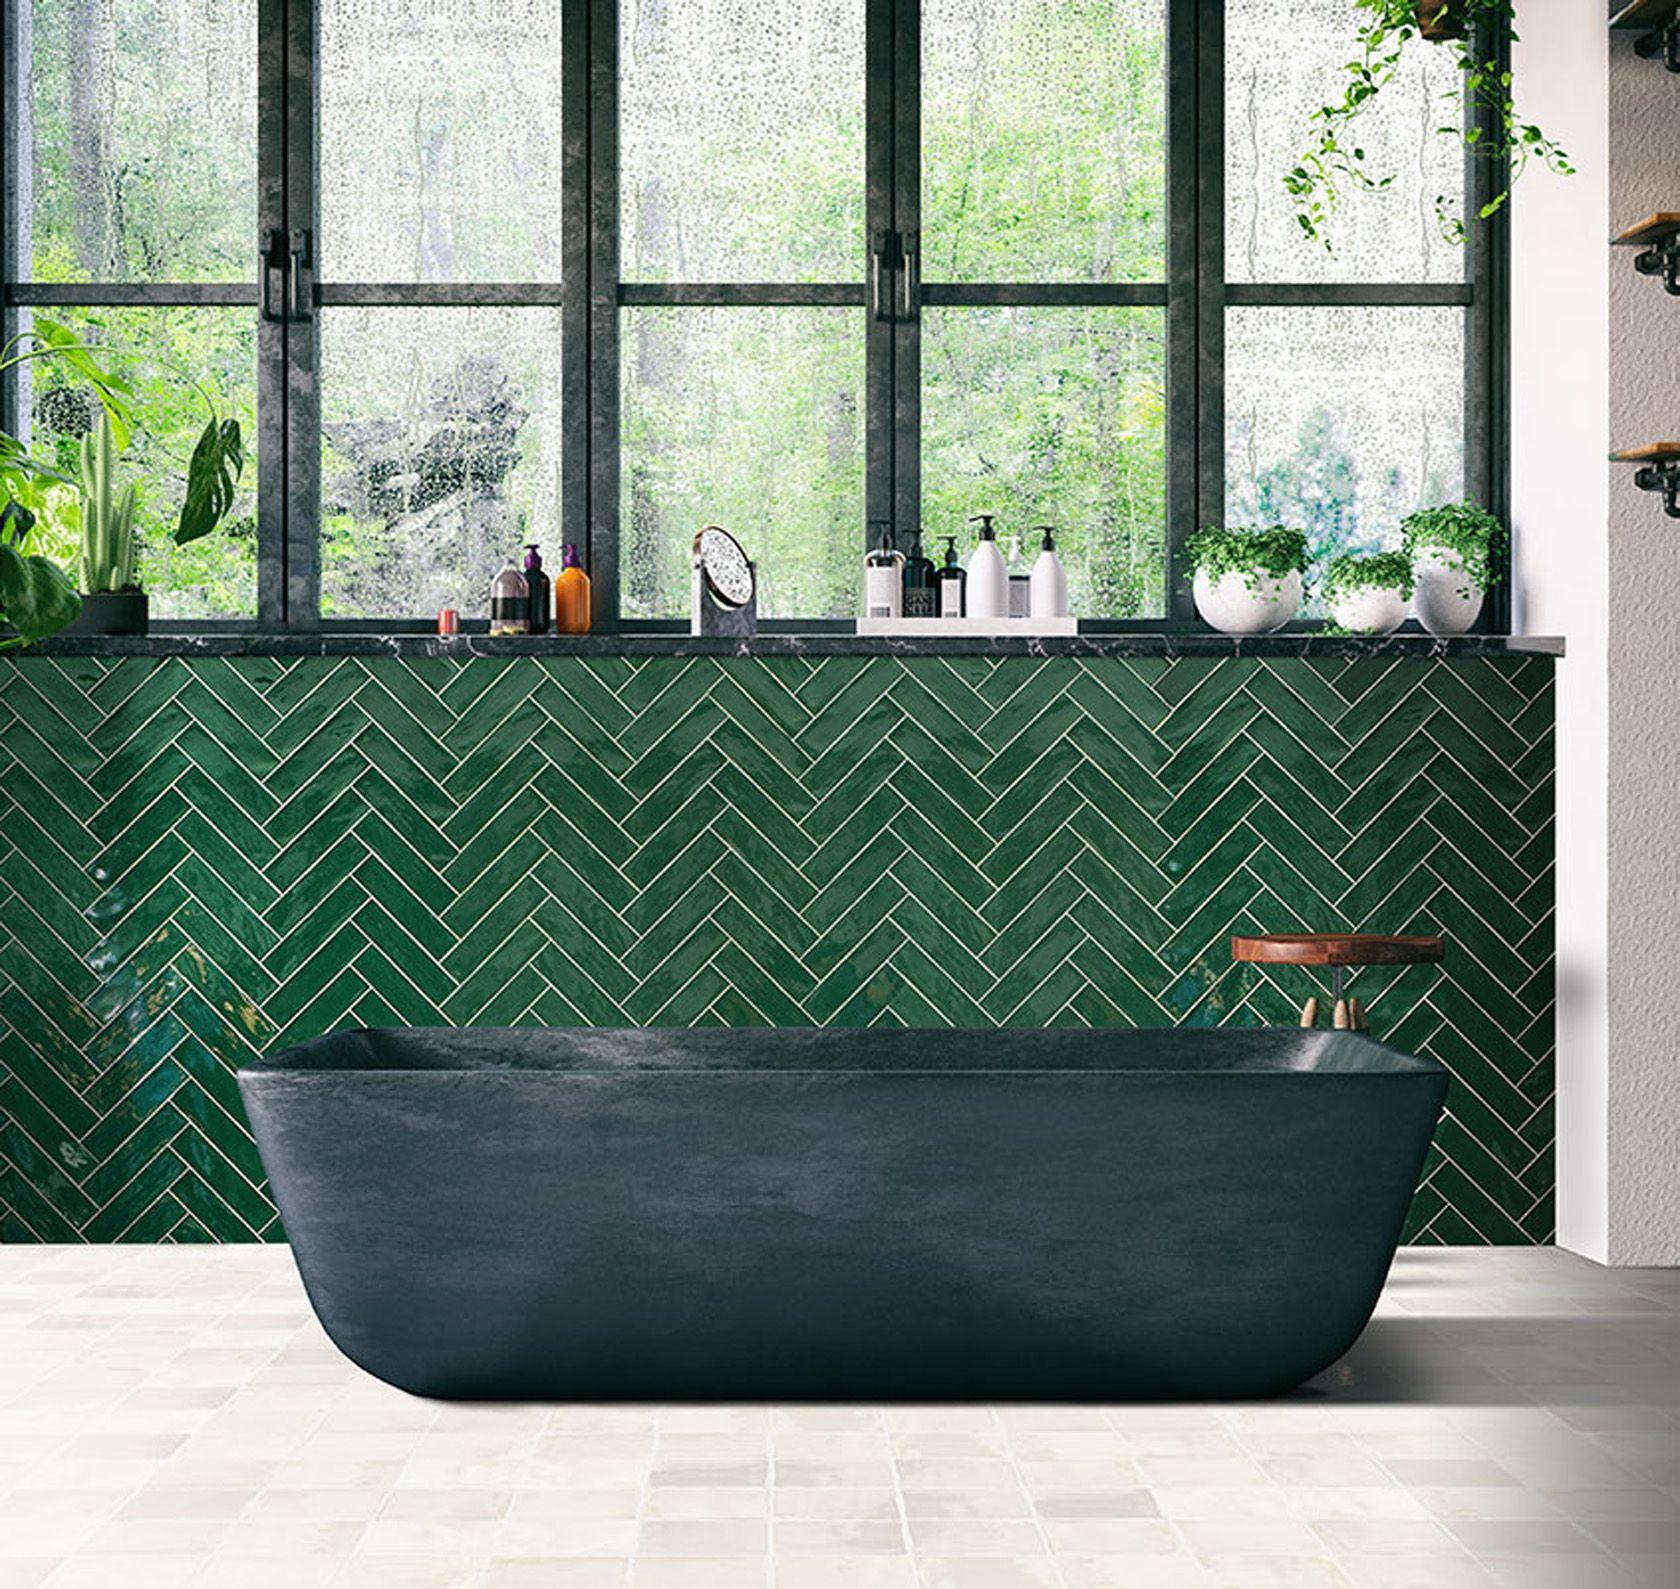 Harmony Jade Glossy wandtegel vintage look 8x30 cm groen glans | Badkamer  groen, Groene badkamer, Tegels